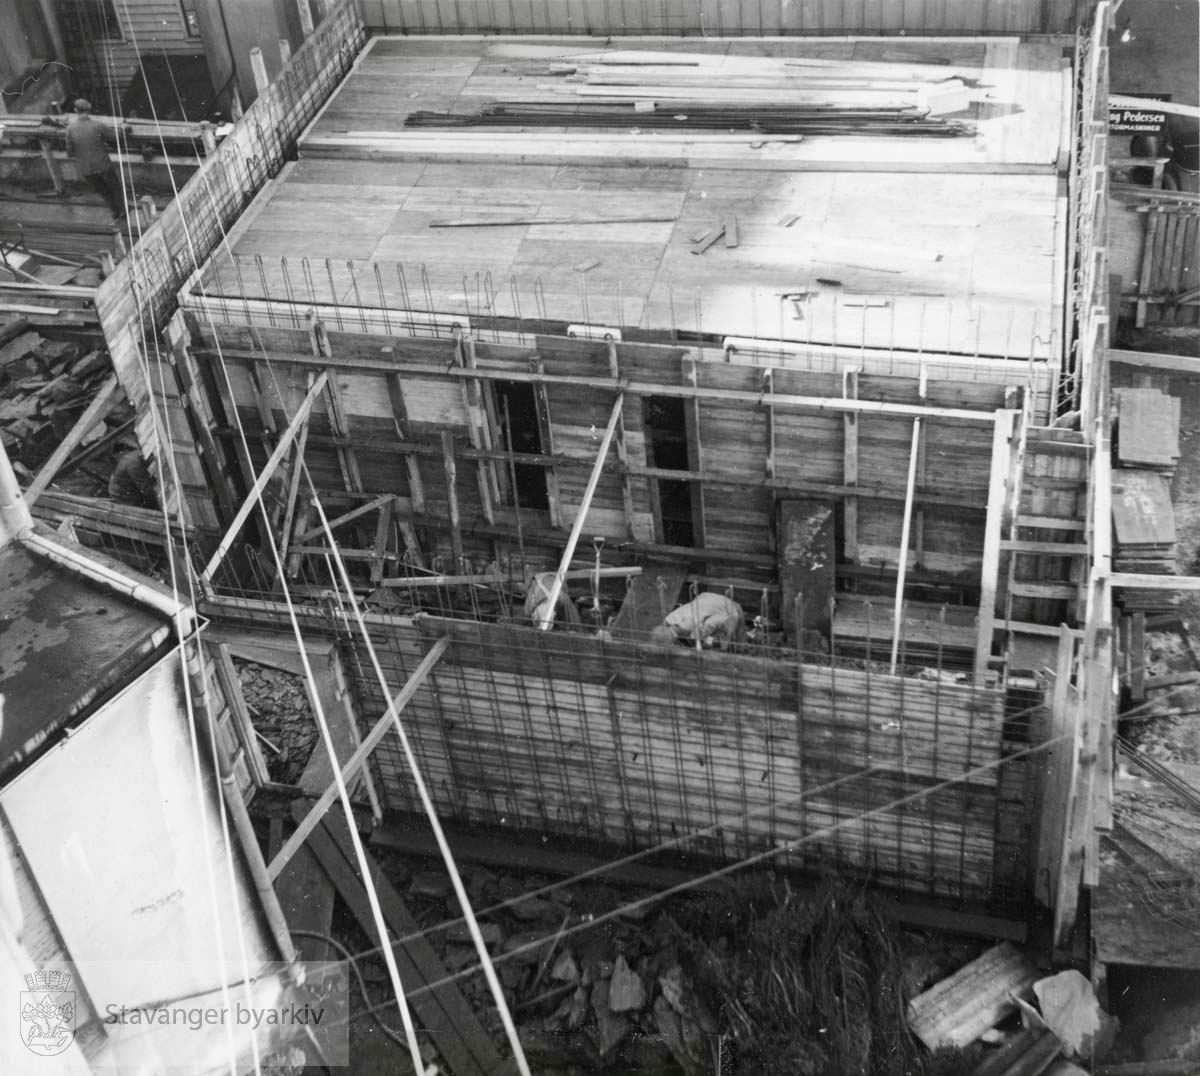 Forskalingsarbeid. Utvidelse og modernisering av Norem Baade i 1955. Bildet er tatt uta avisutklippsbok fra PA293 Utskilt fra PA293.